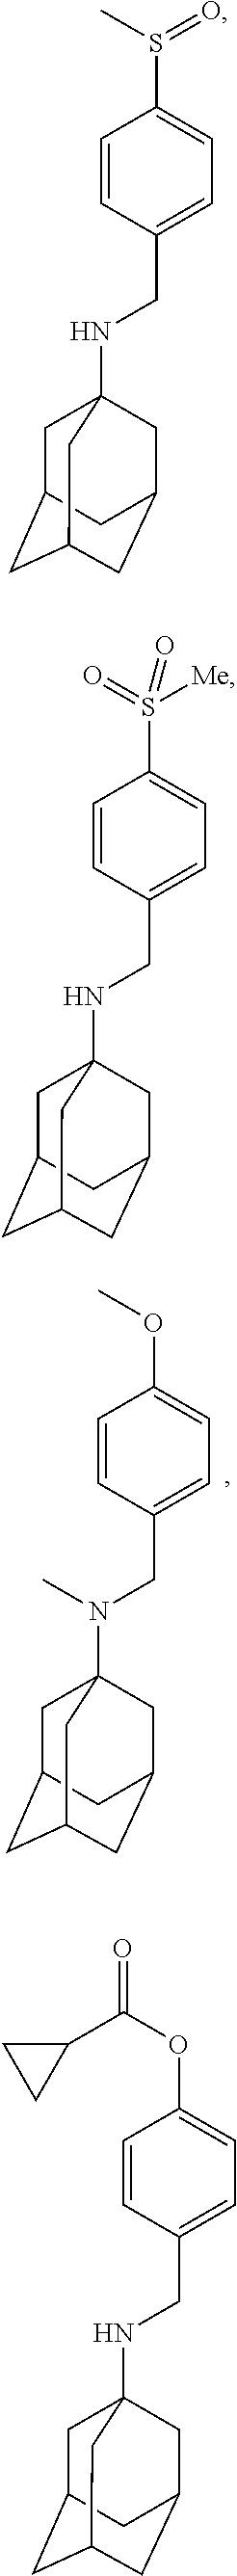 Figure US09884832-20180206-C00011